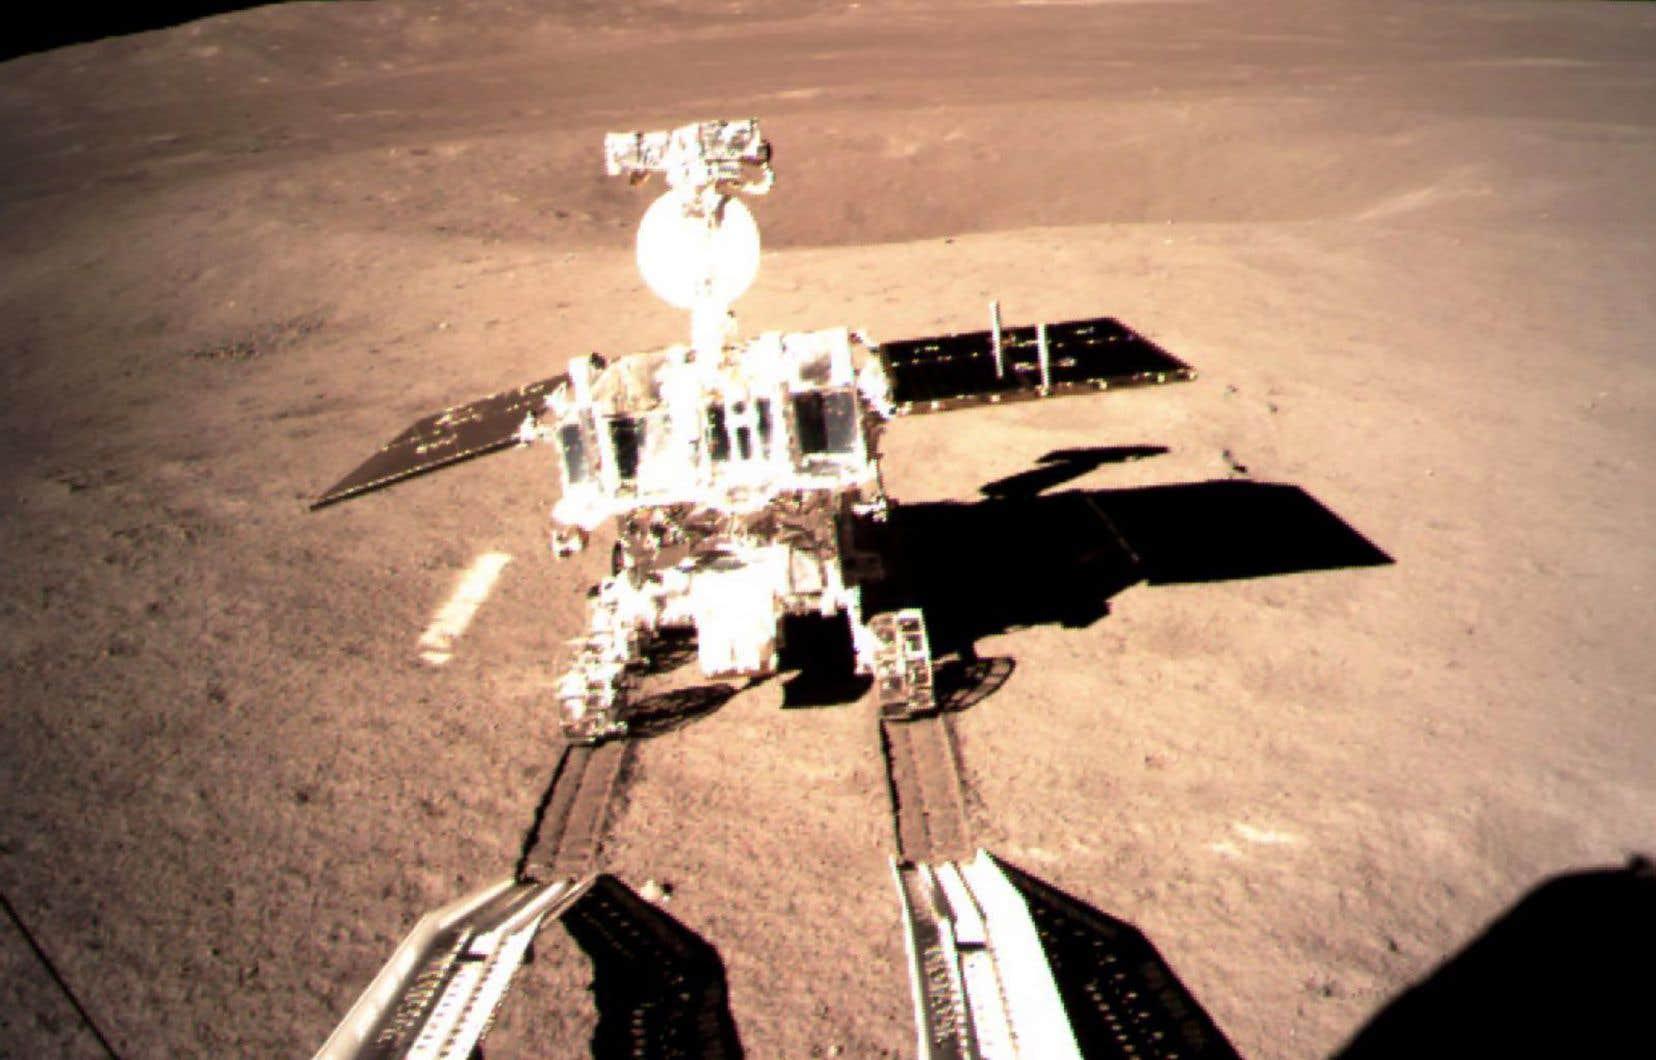 L'agence spatiale chinoise vient de réussir avec la sonde «Chang'e-4» le premier alunissage de l'histoire sur la face cachée de la Lune.